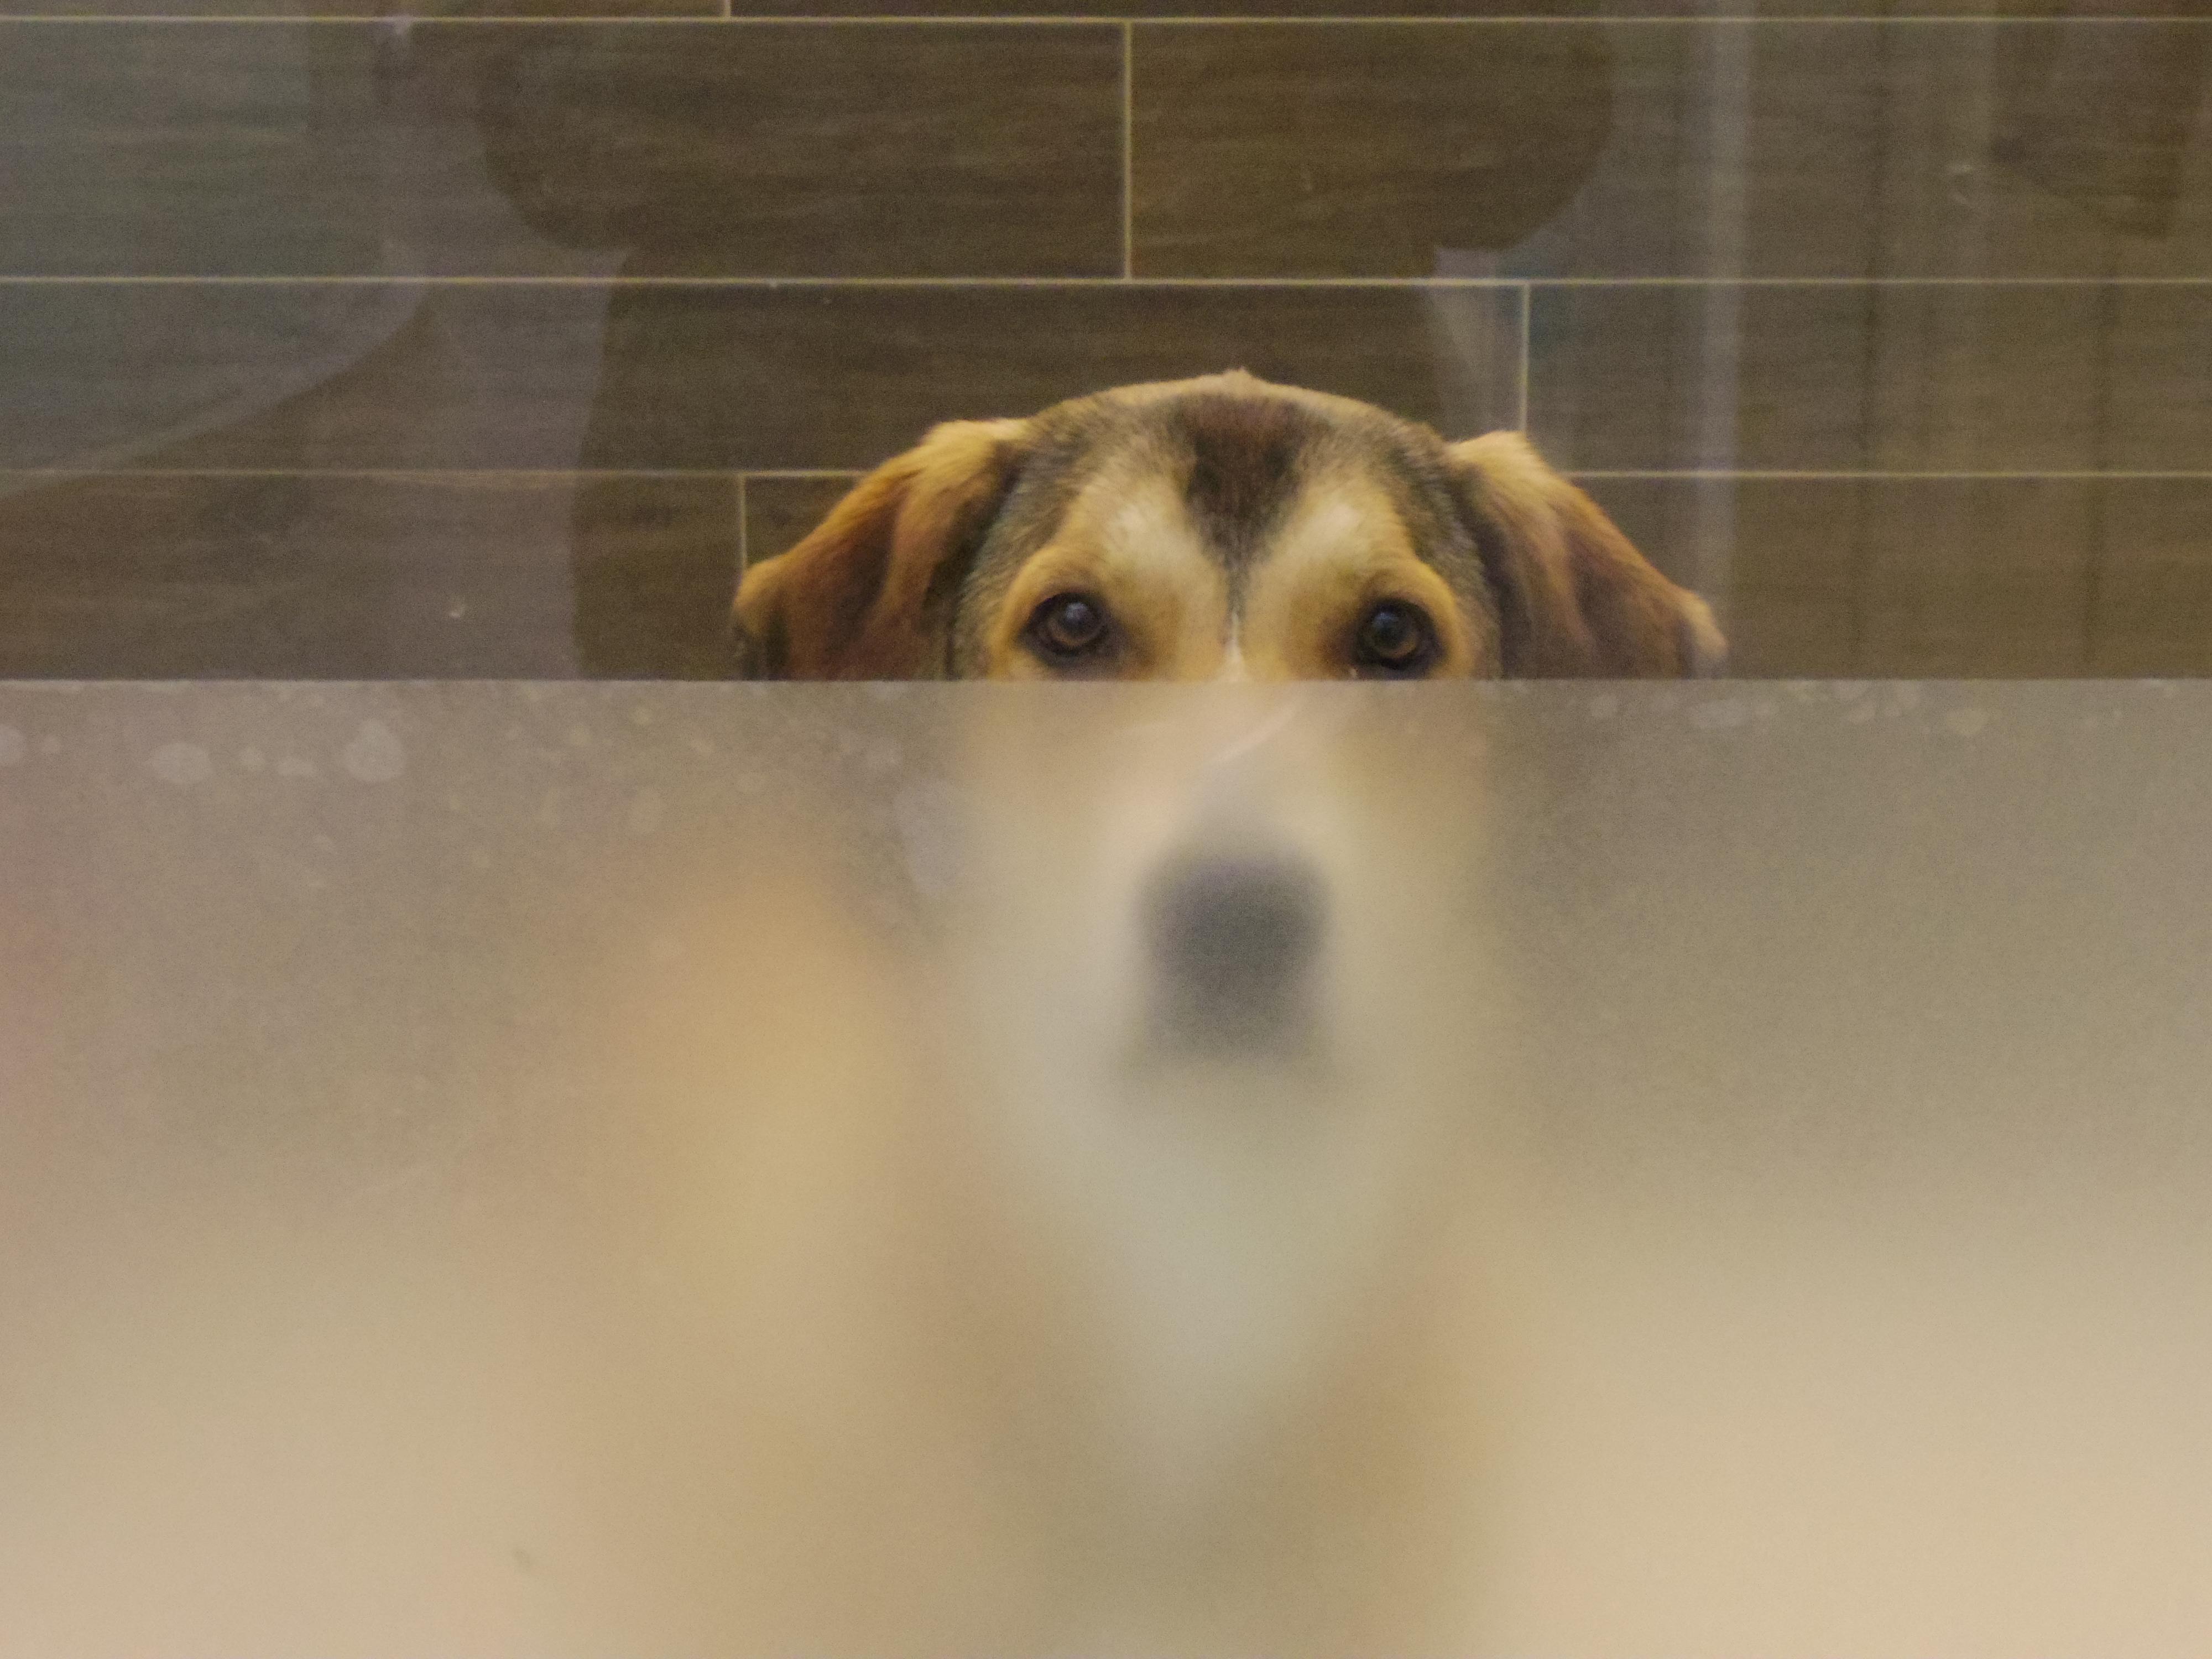 【アメリカの動物保護施設】サンフランシスコのSPCAを見学。犬編。